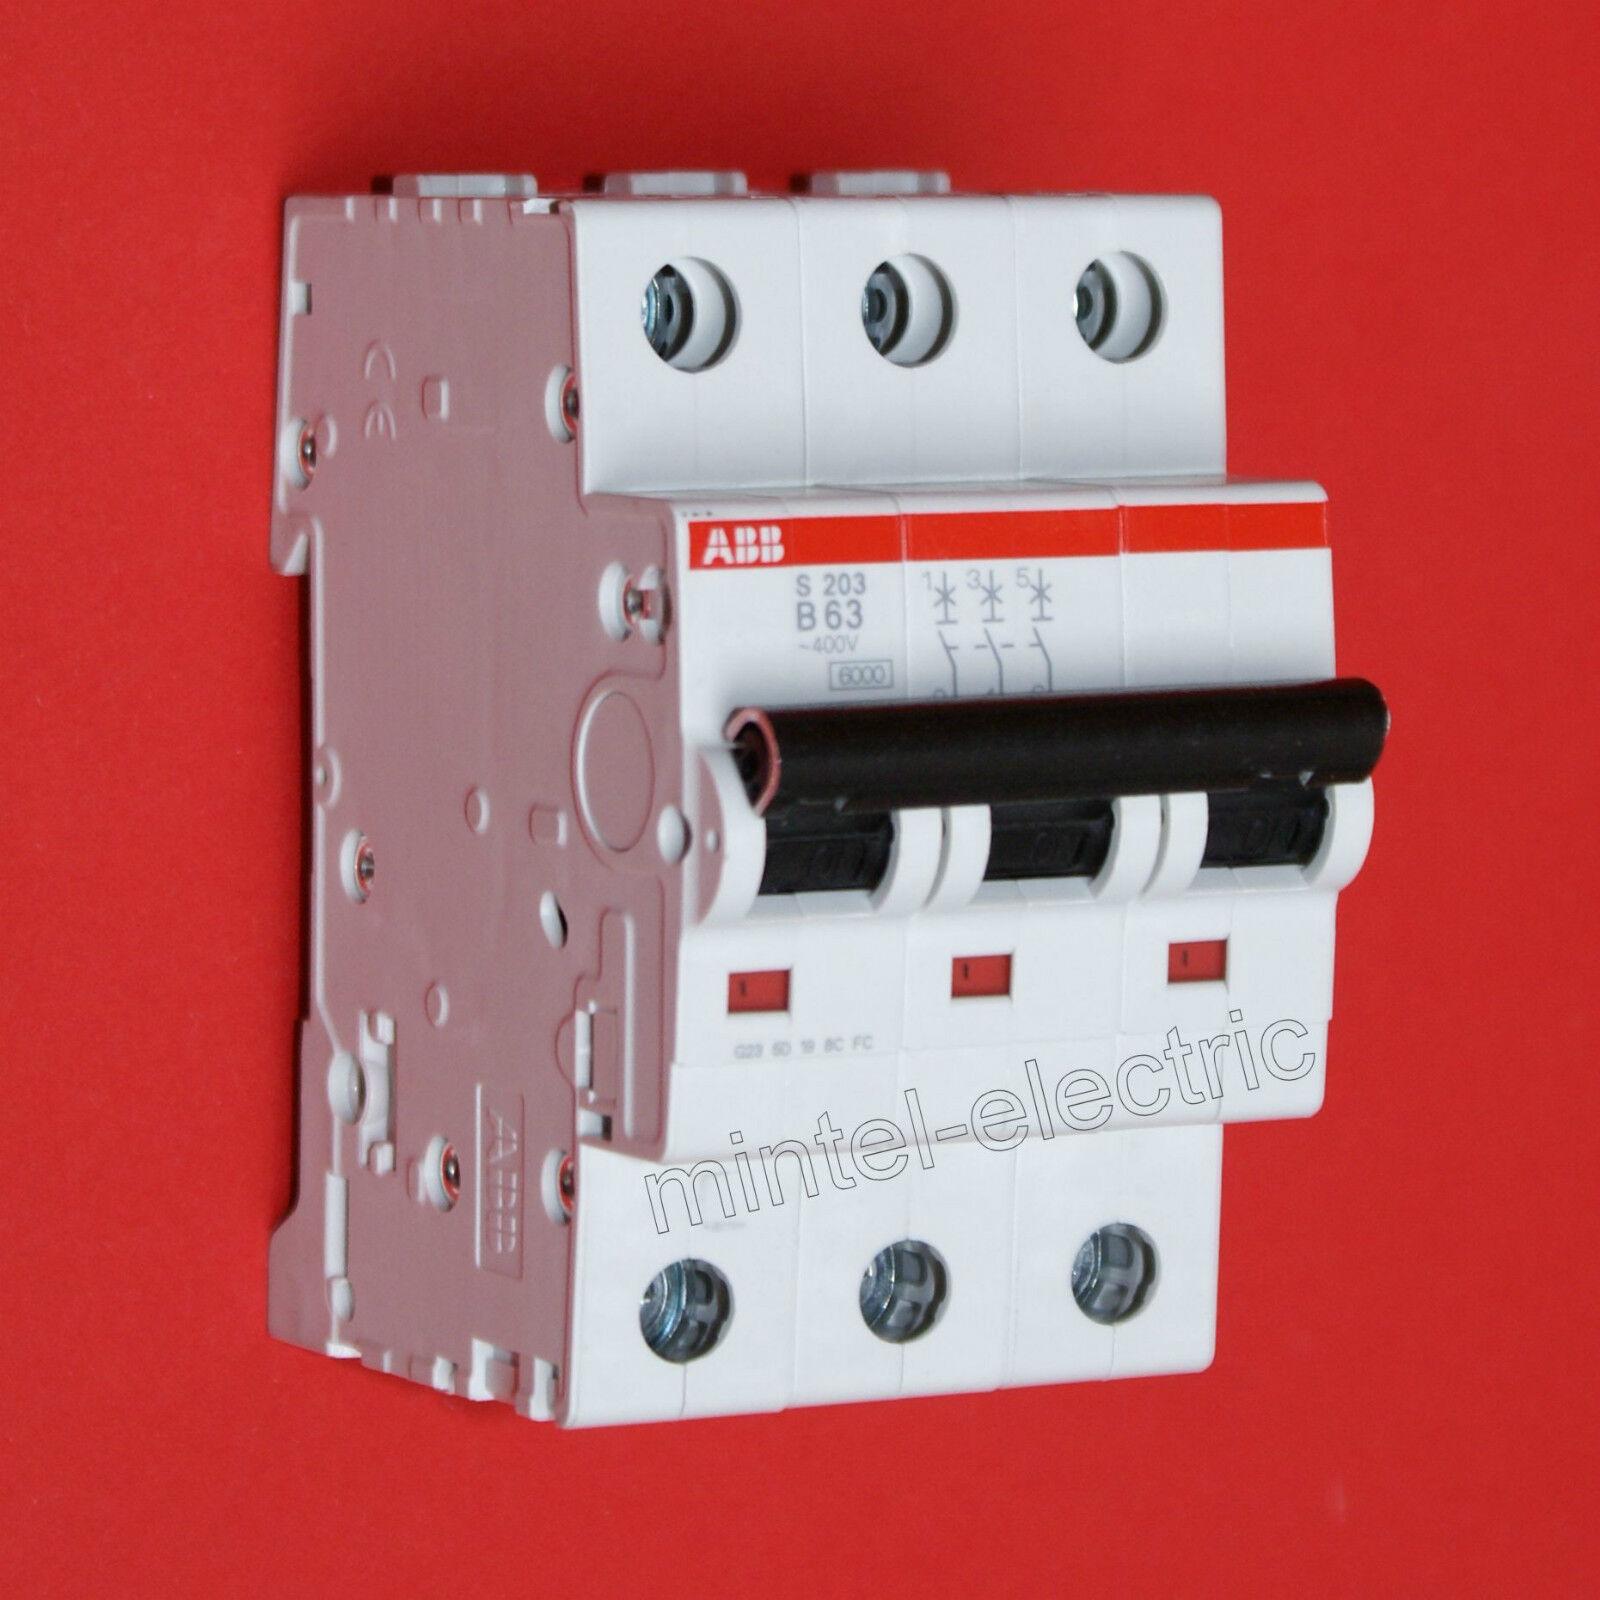 ABB ABB ABB S203-B63   3-polig   63A Sicherungsautomat Leitungsschutzschalter | Sonderpreis  10496b